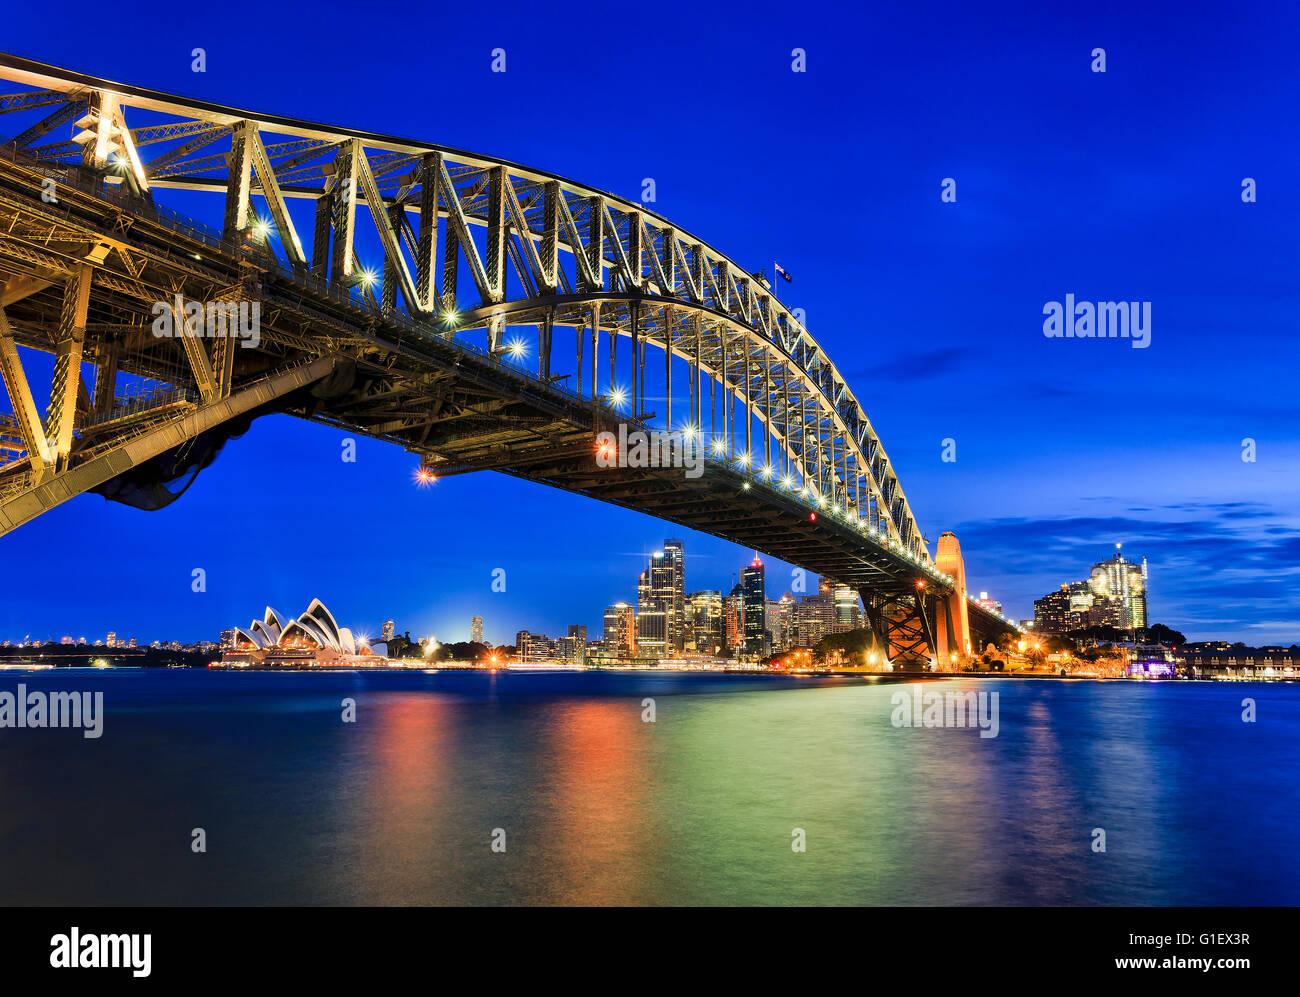 Vista lateral del puente del puerto de Sydney CBD hacia el centro de la ciudad, The Rocks y Circular Quay al atardecer Imagen De Stock